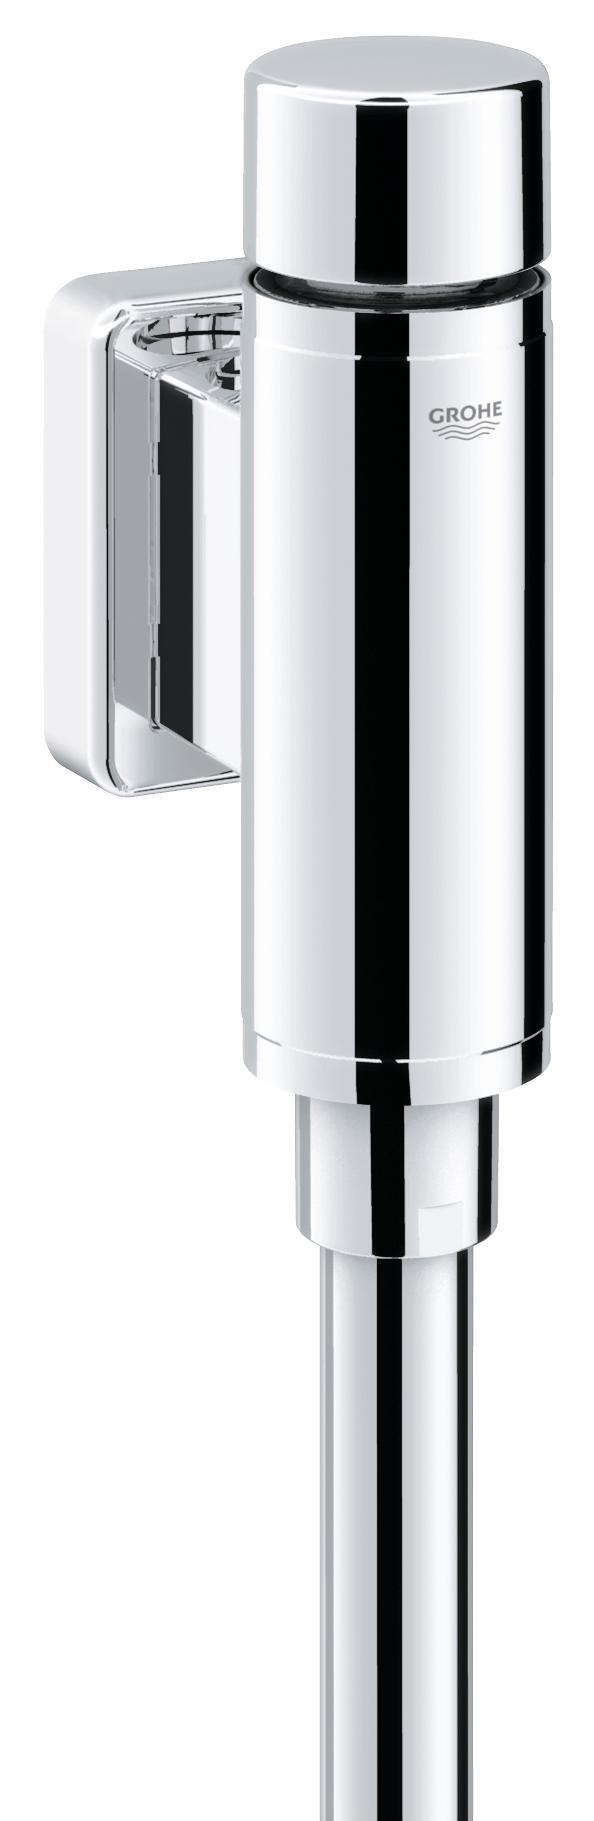 Смывное устройство Grohe 37339000